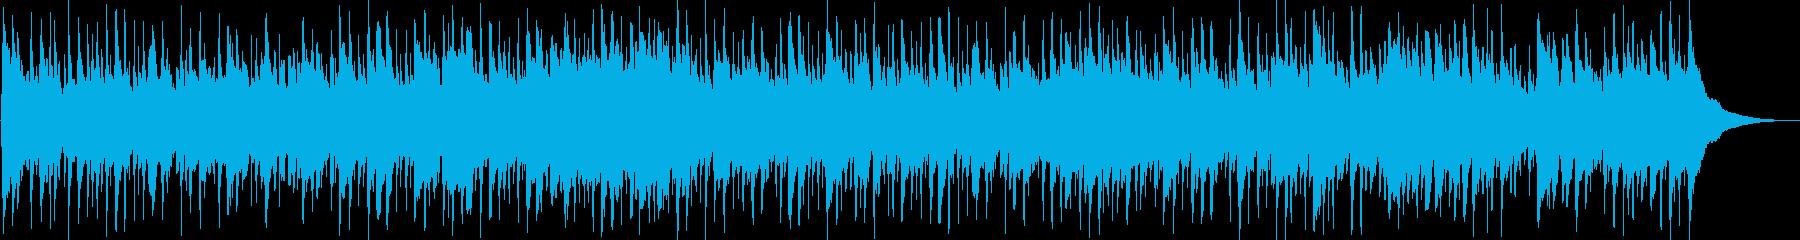 旅番組などのBGMにシンプルなフォーク調の再生済みの波形